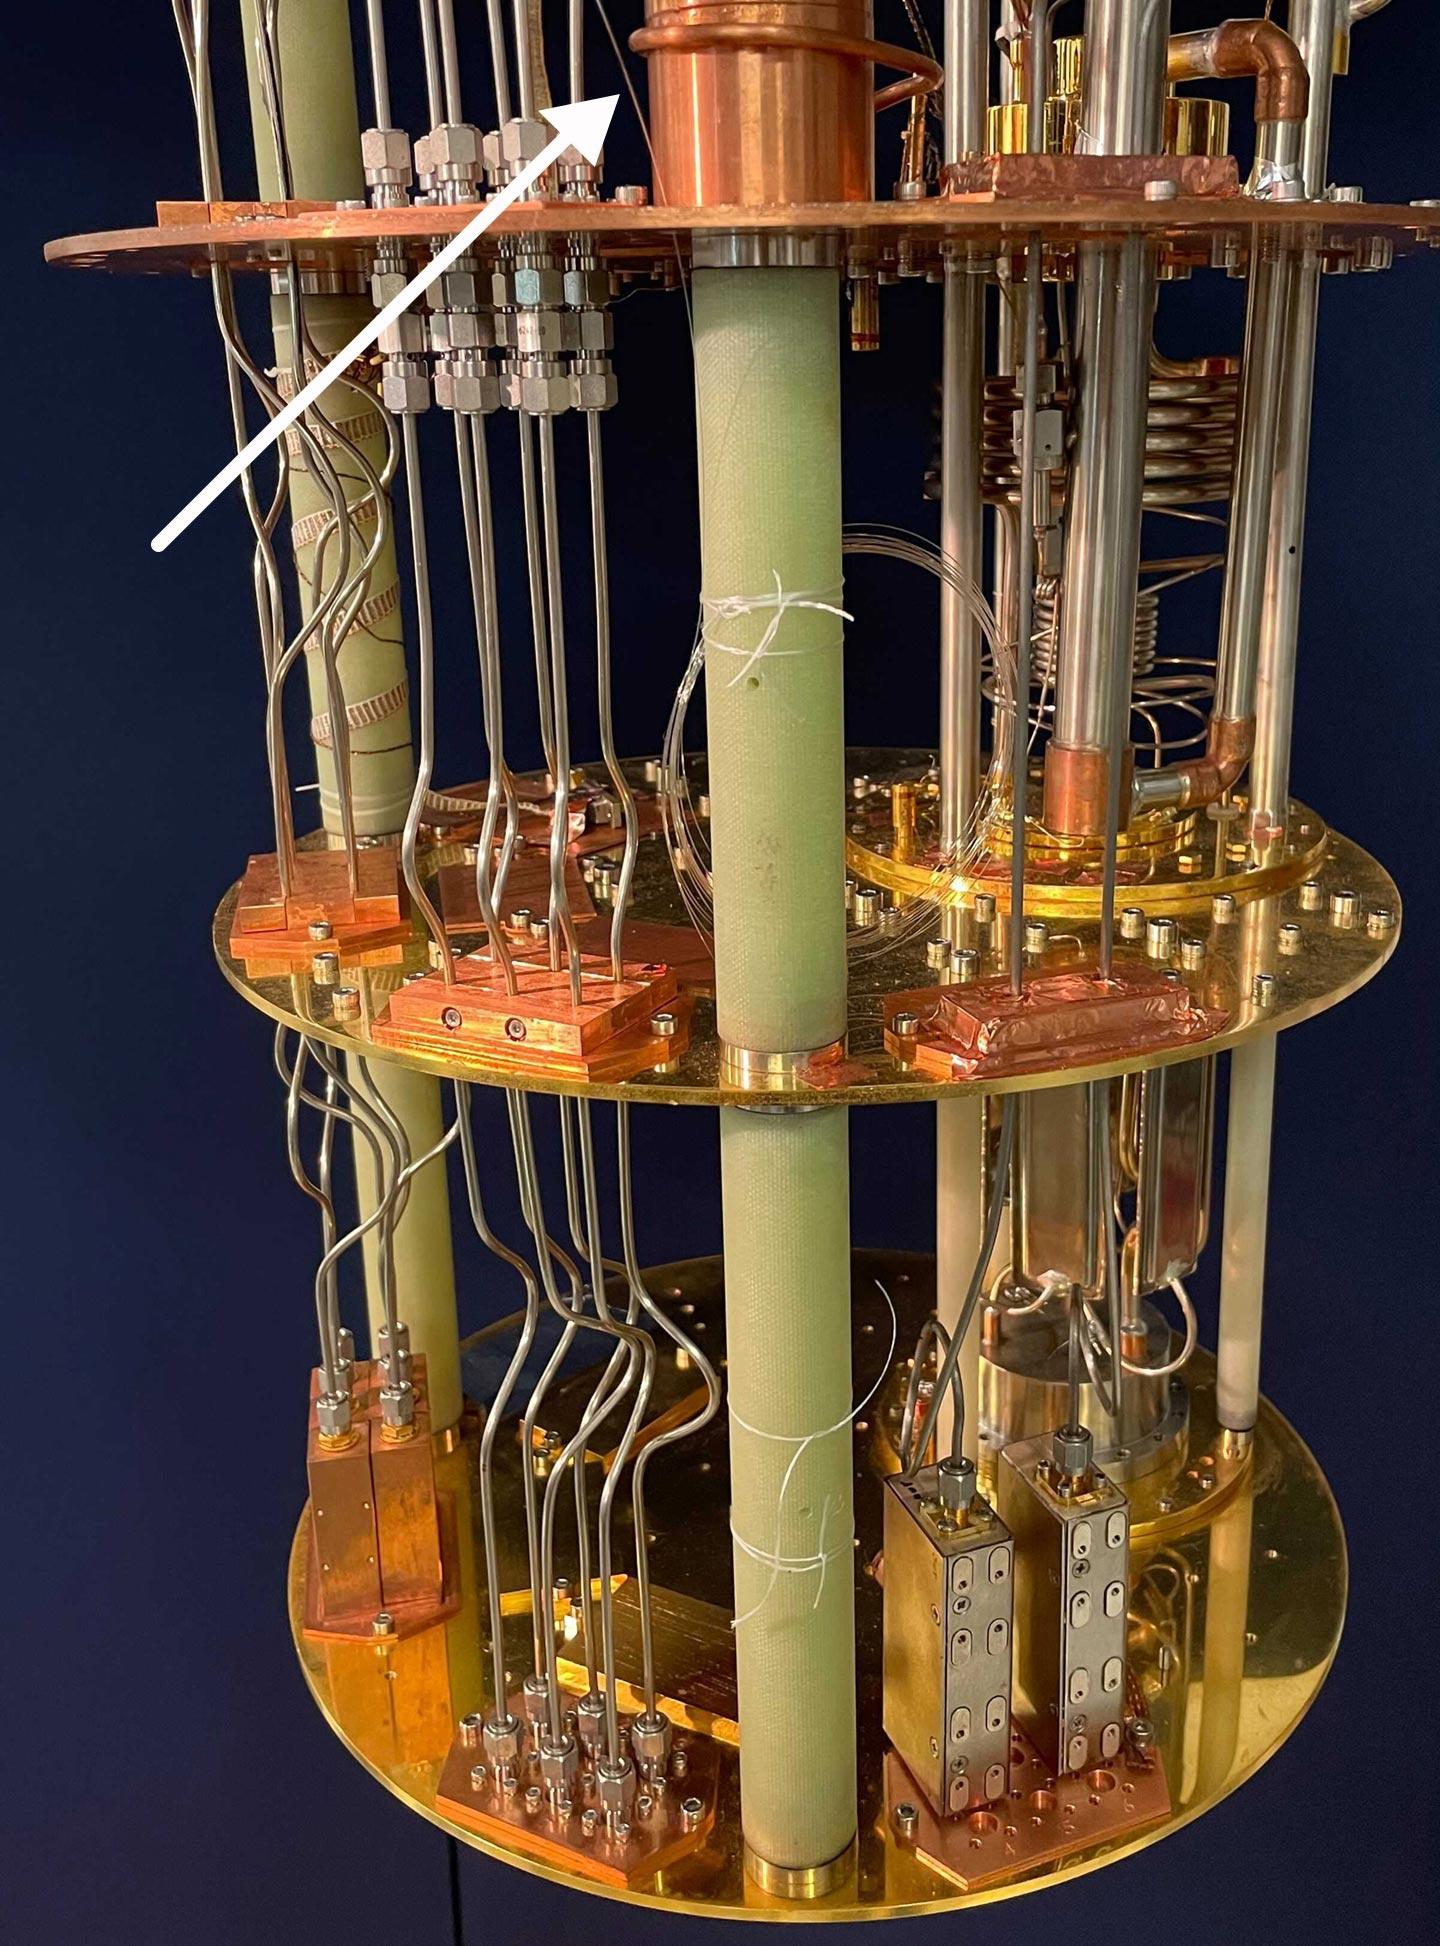 建造具有巨大处理能力的超导量子计算机的秘密:光纤